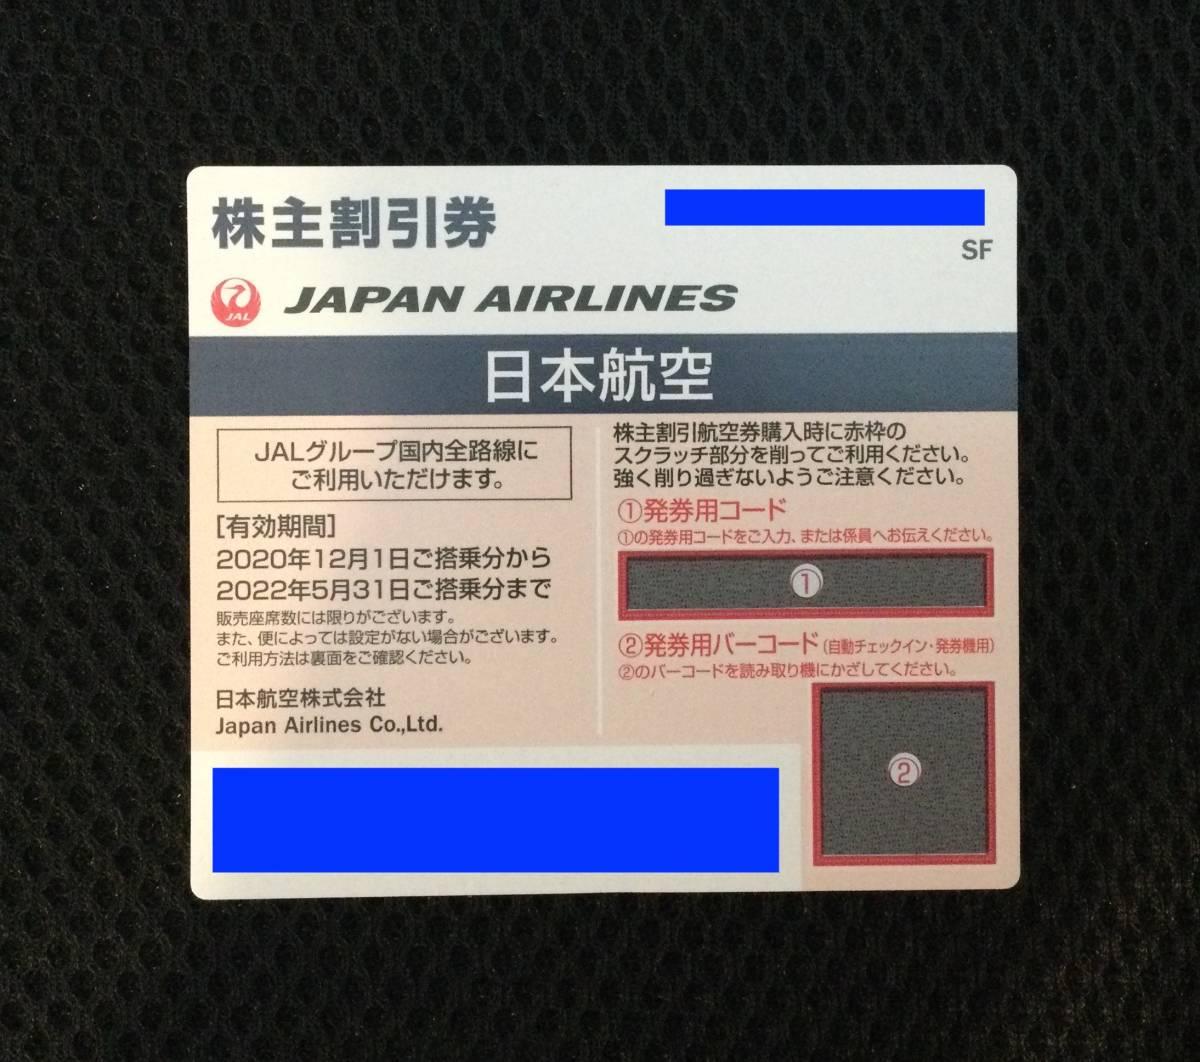 【即日対応】JAL 日本航空 株主優待券 2022年5月31日ご搭乗分まで有効 1~2枚 コード通知可 送料無料 格安即決 _画像1